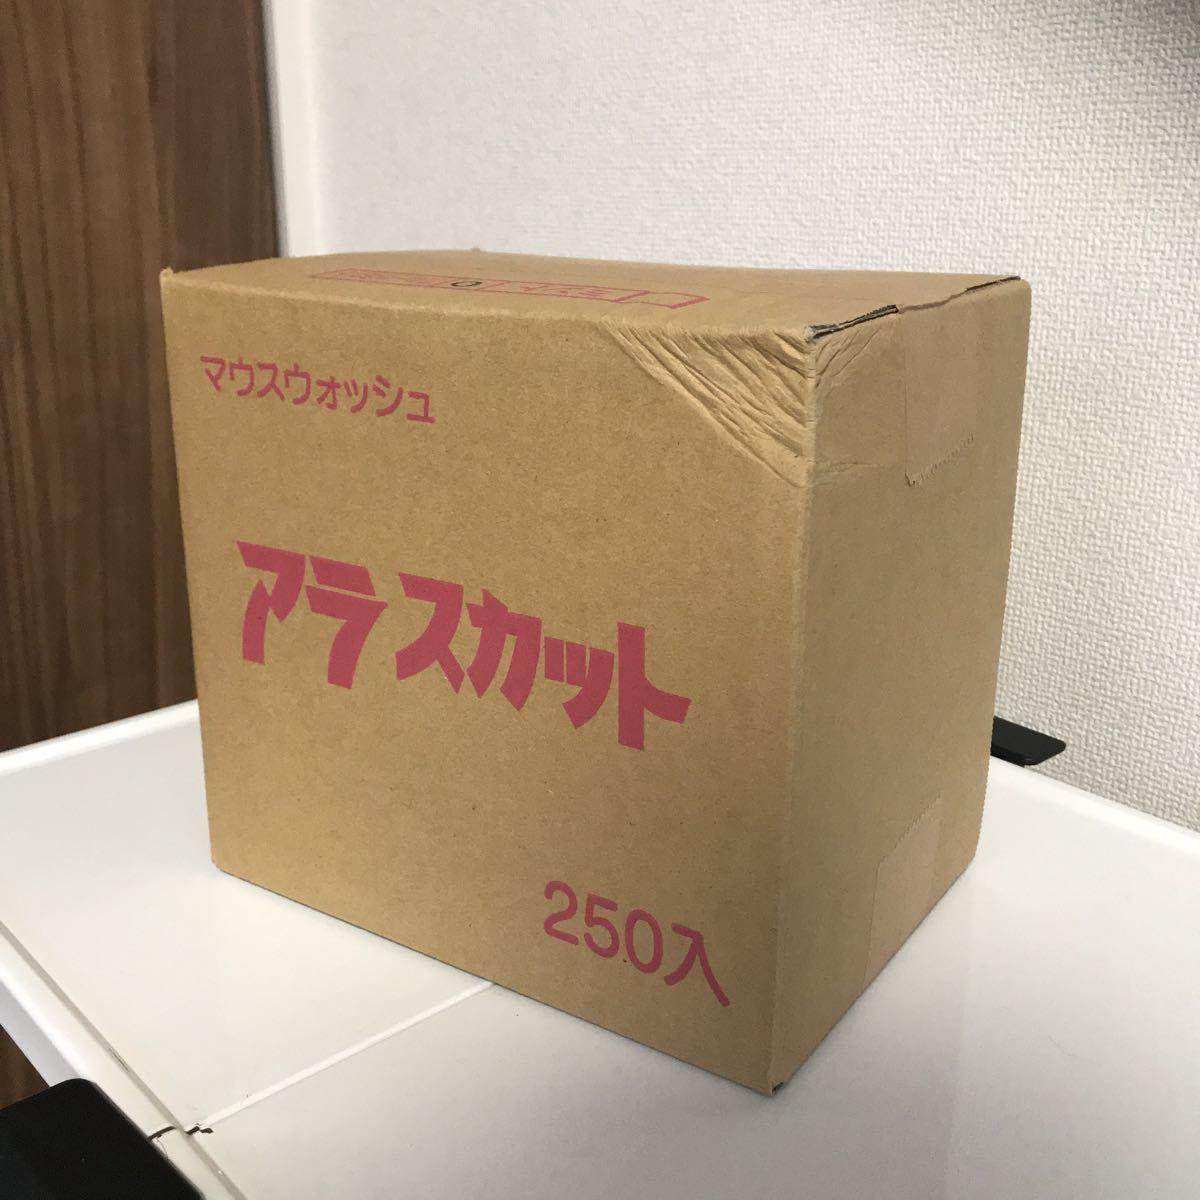 携帯用マウスウォッシュ」「個包装タイプ」「キシリトール配合」業務用 使い捨て マウスウォッシュ アラスカット14ml x250個セット_画像1